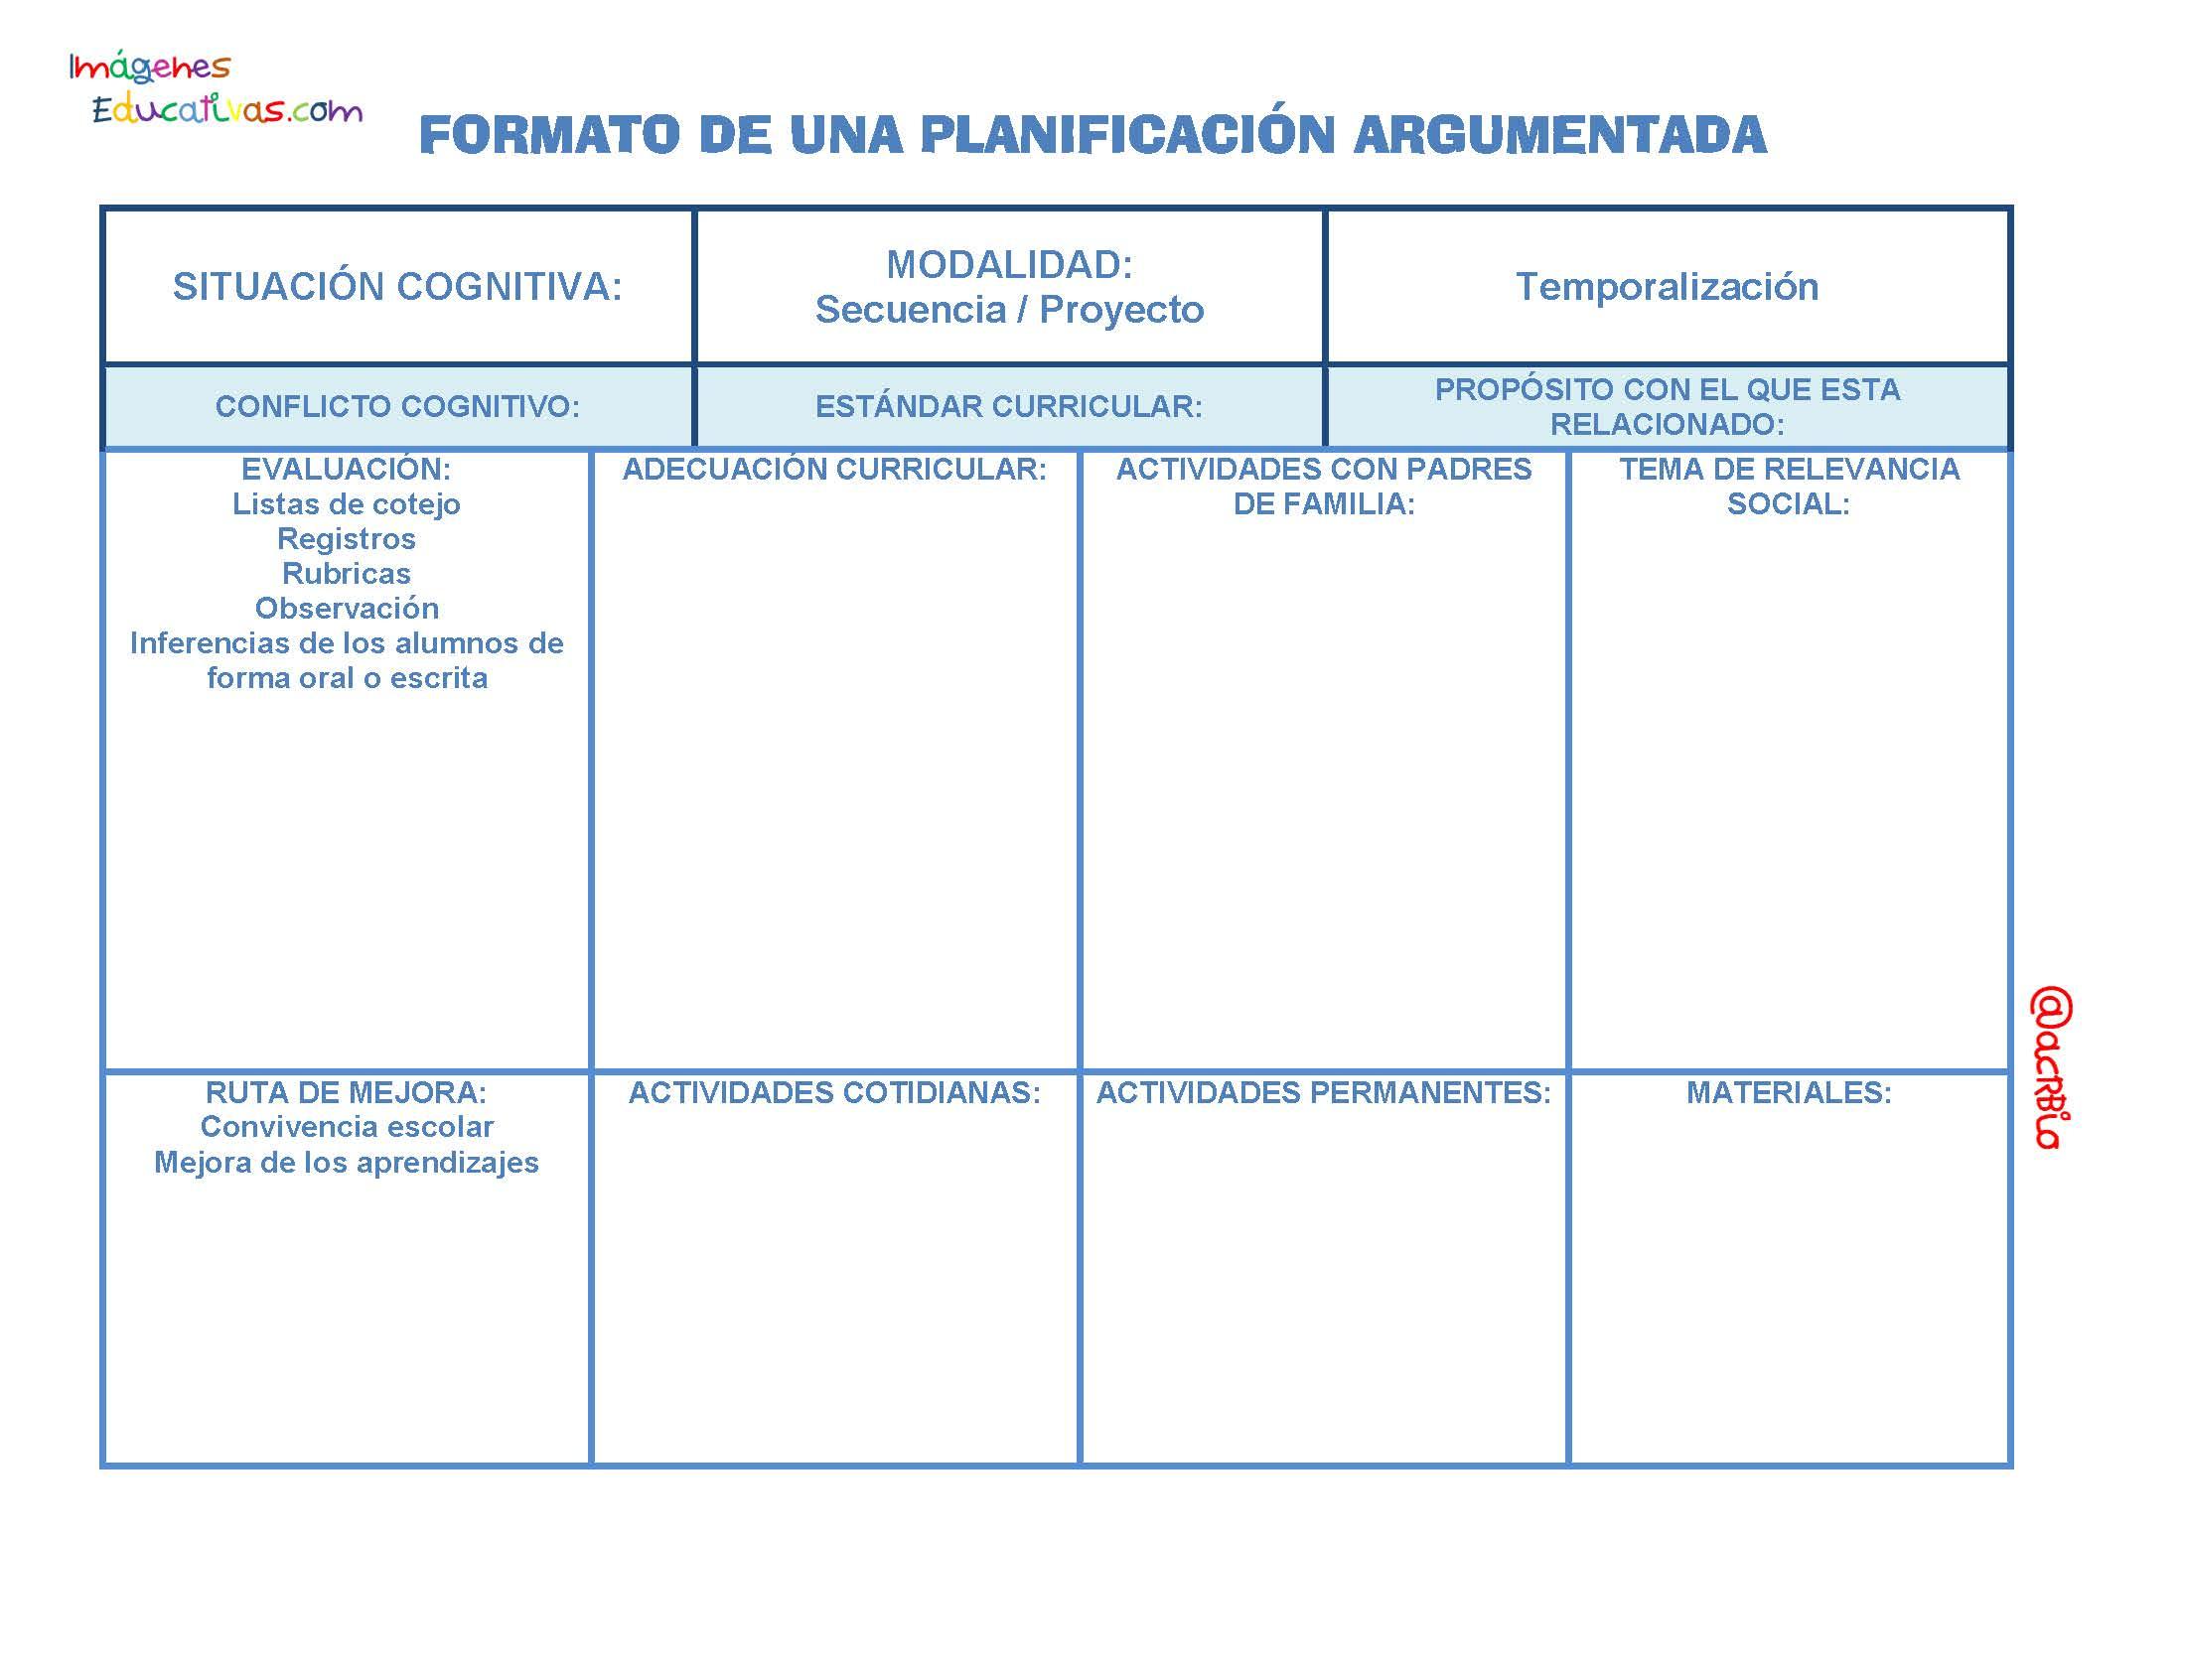 FORMATO DE UNA PLANIFICACIÓN ARGUMENTADA_Página_01 - Imagenes Educativas